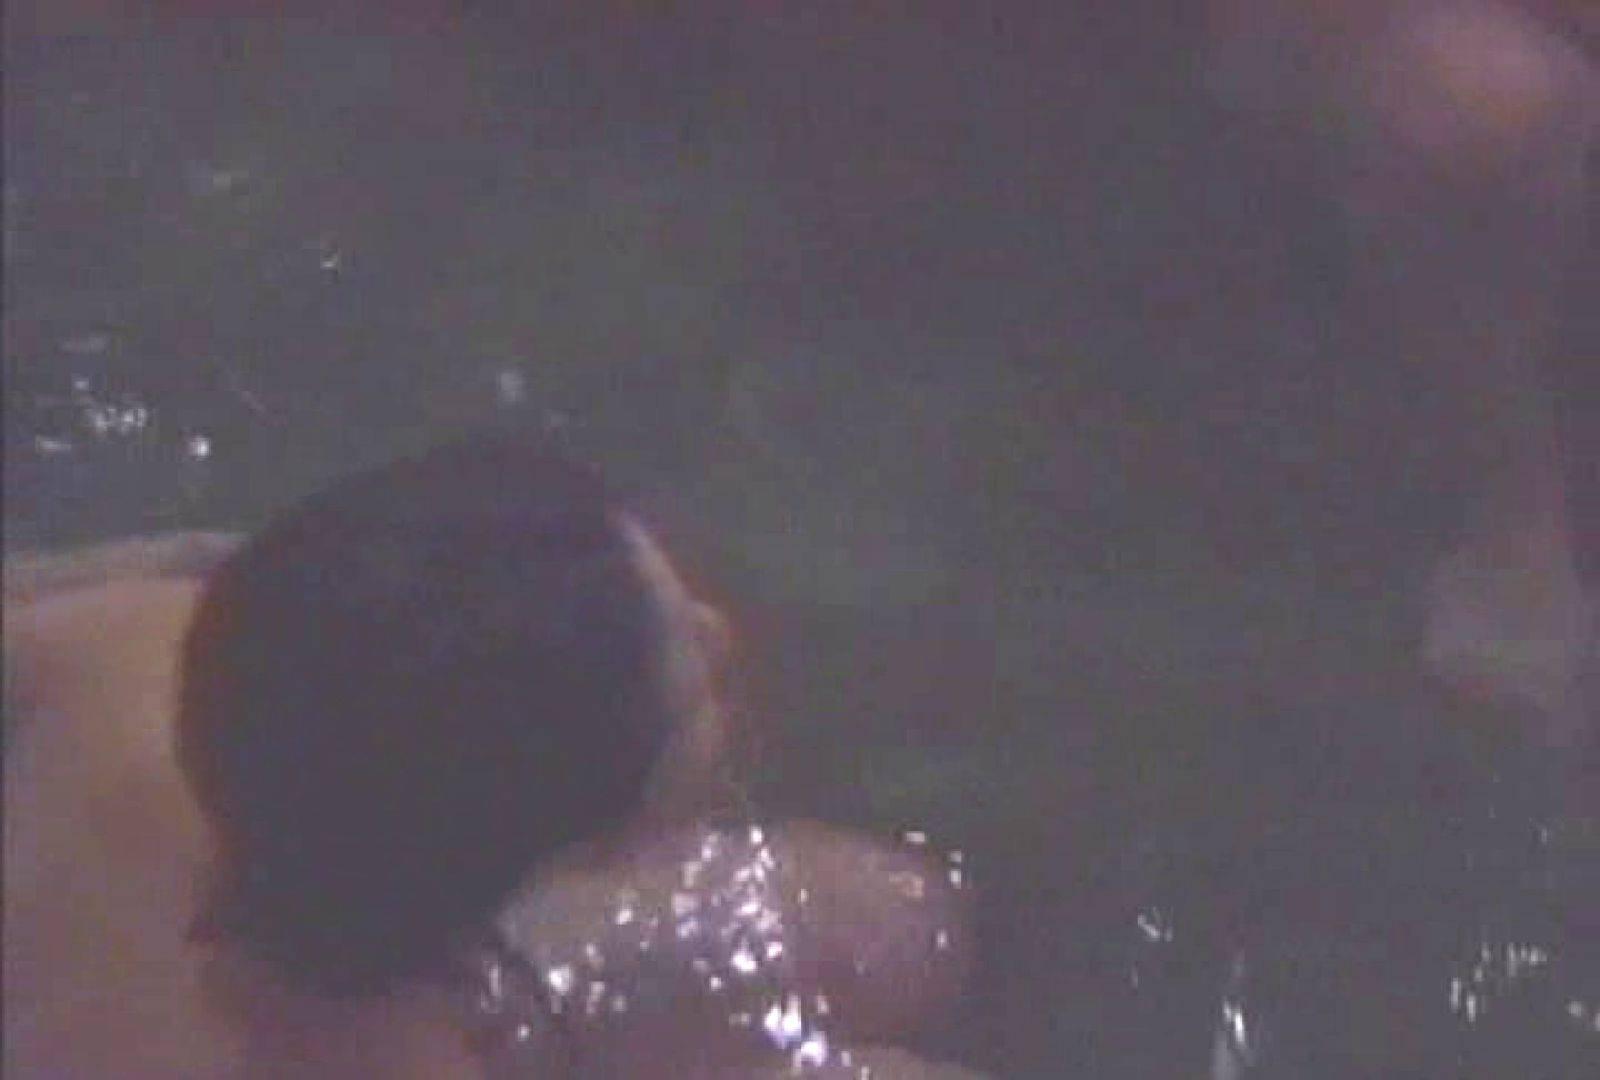 素人投稿シリーズ 盗撮 覗きの穴場 大浴場編  Vol.2 素人 オメコ動画キャプチャ 112pic 39